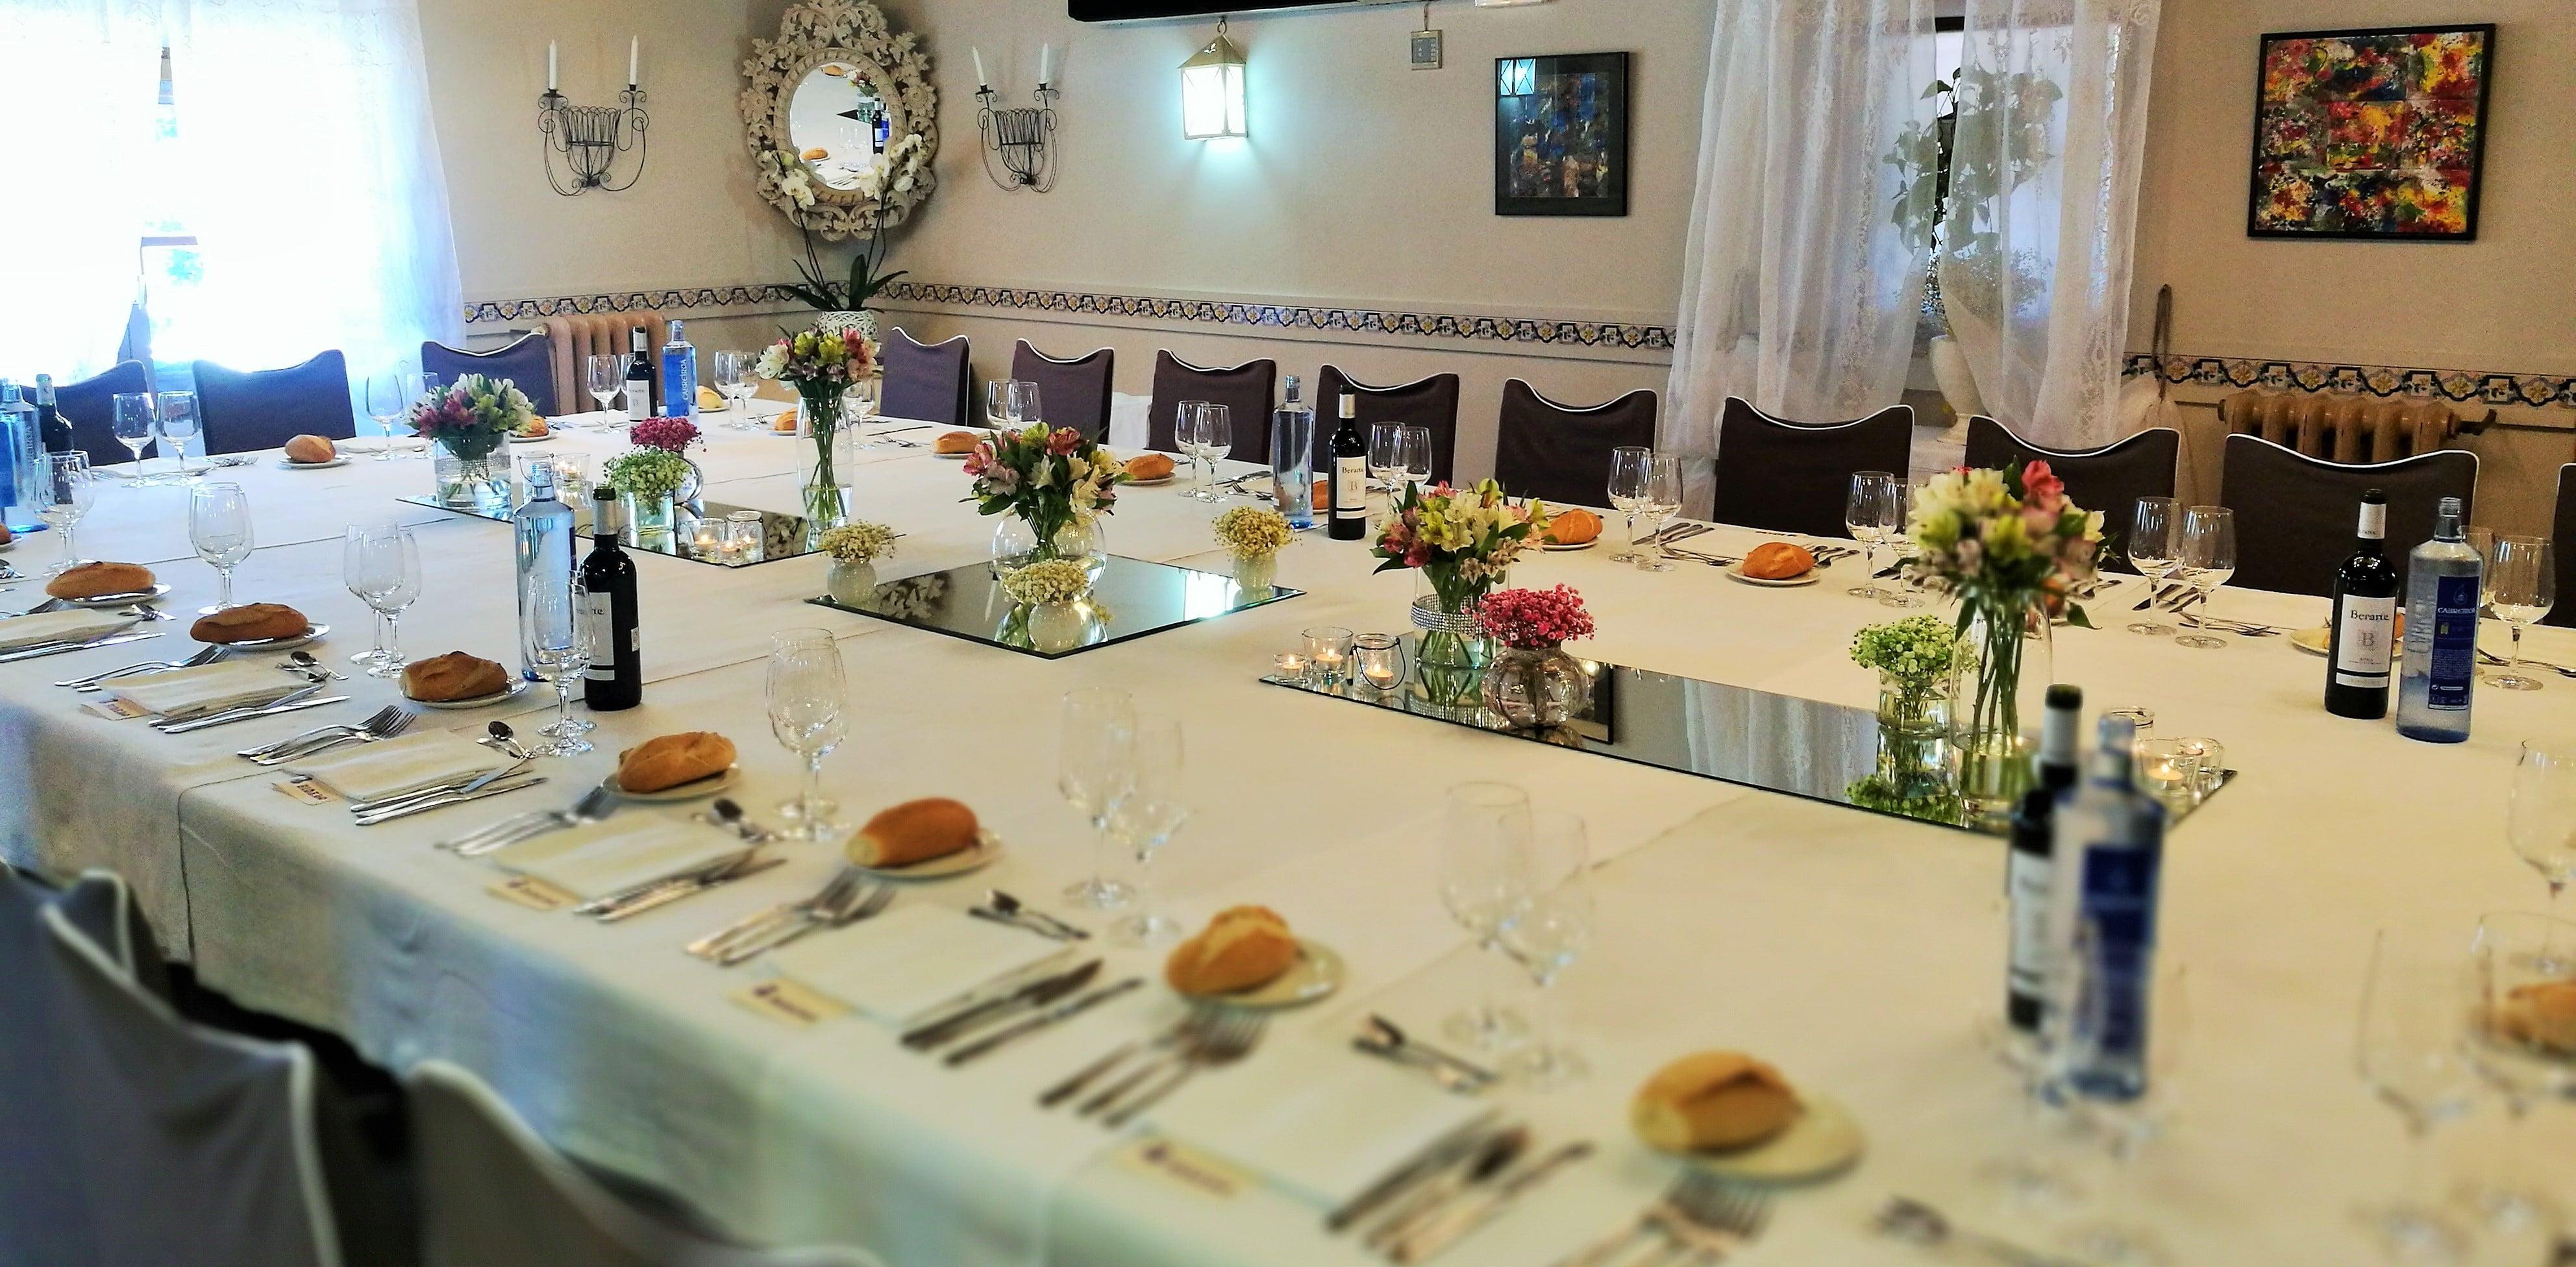 restaurante_bideko-historia-cocina_tradicional_vasca-restaurantes_vizcaya-restaurantes_alava-comer_en_euskadi-bideko-amurrio-lezama (3)